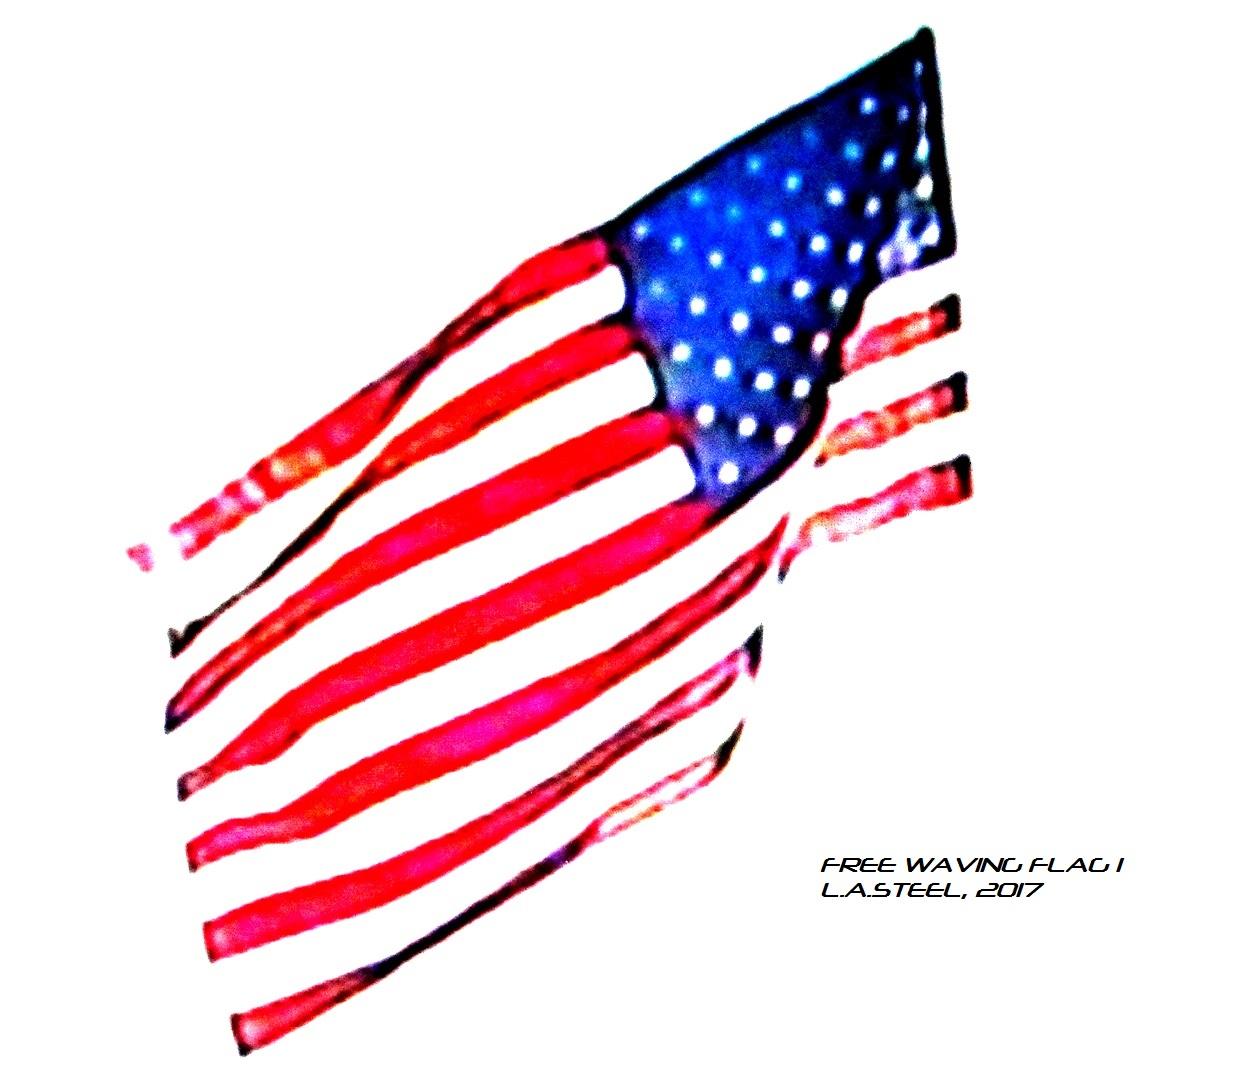 FREE WAVING FLAG 1